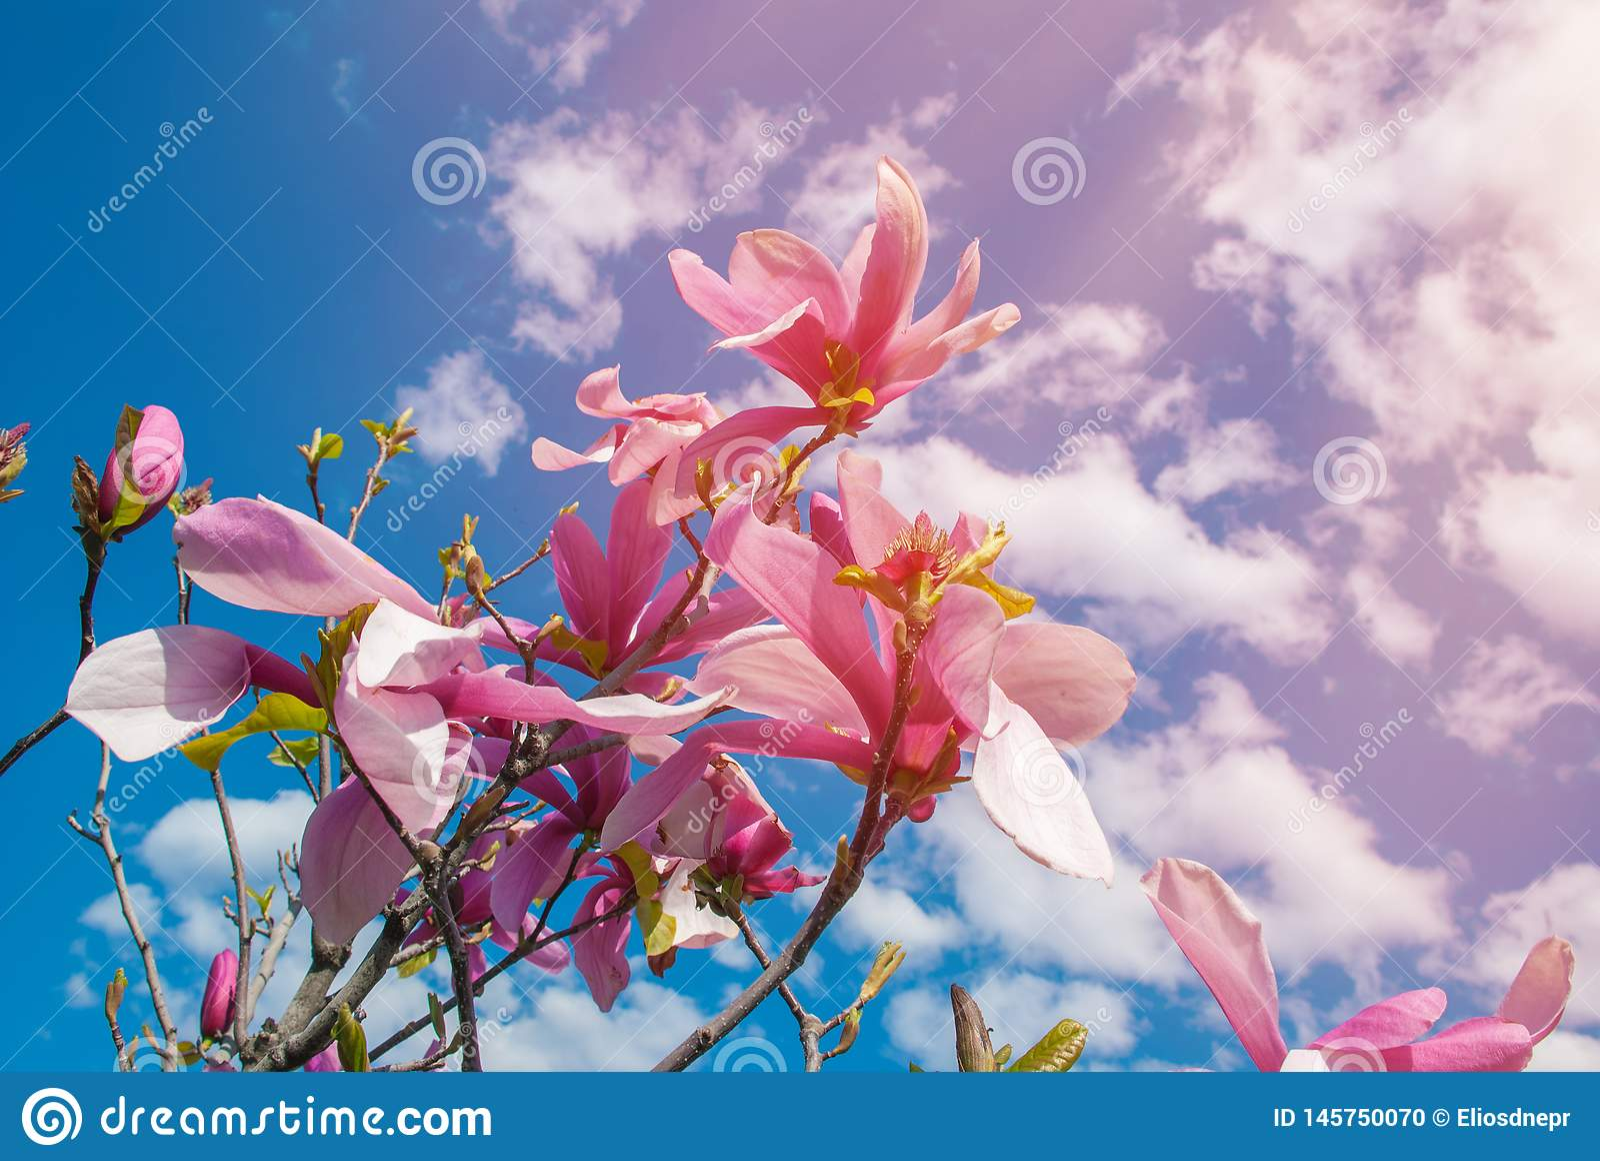 在开花的木兰树 美丽的紫色花